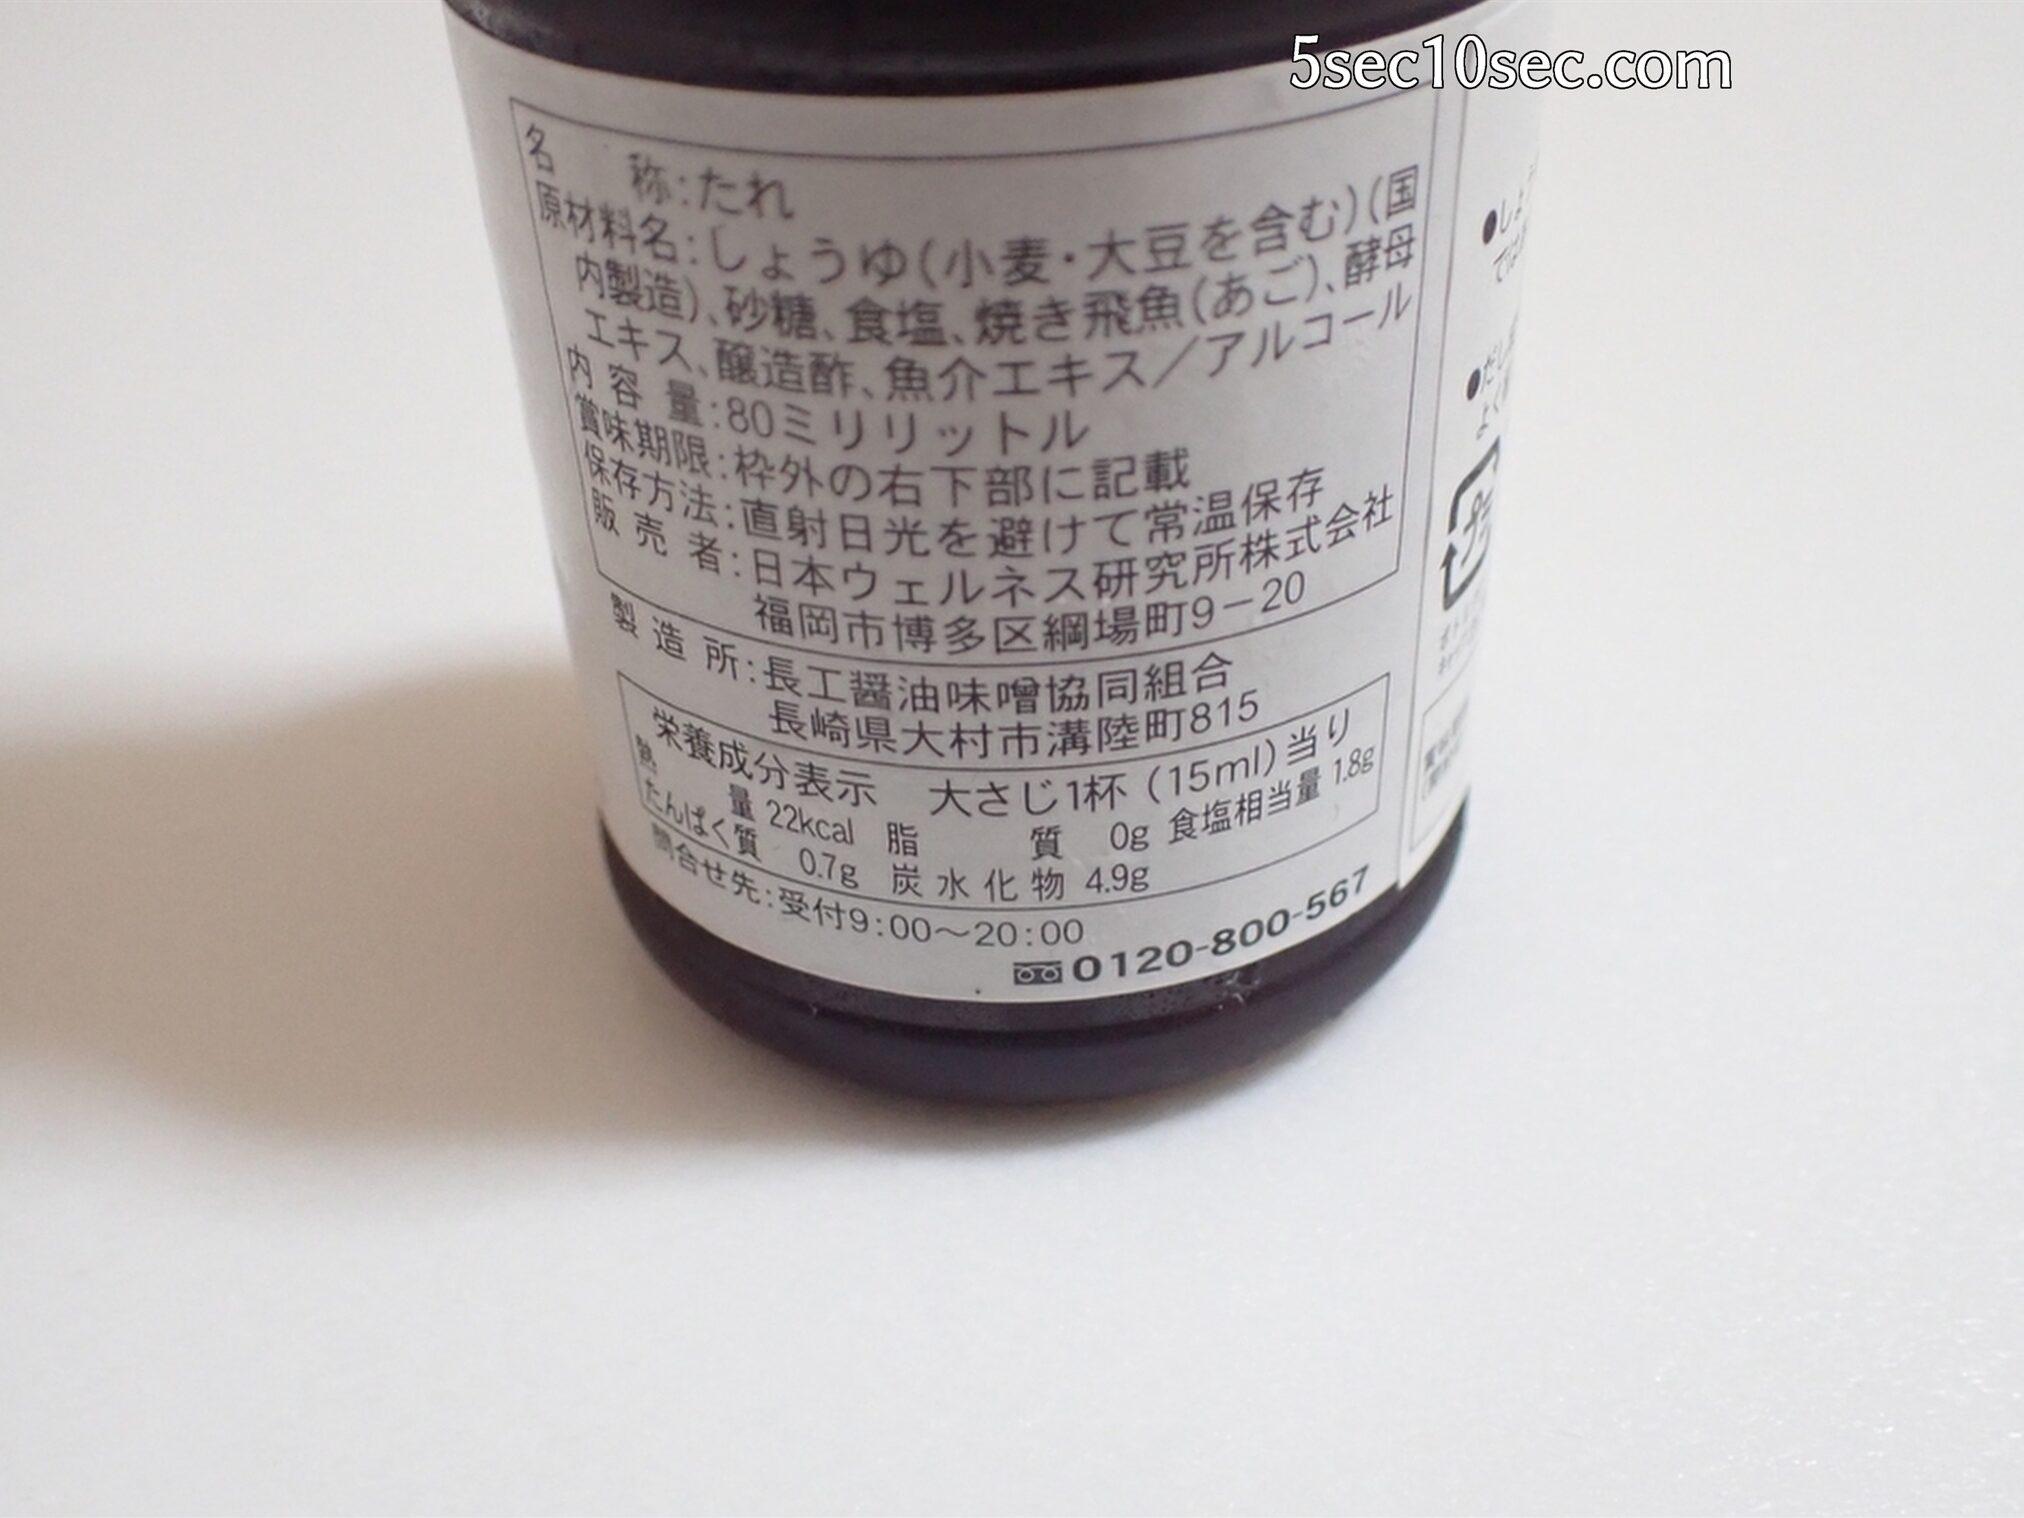 株式会社リプライオリティ 日本ウェルネス研究所 千寿藻(せんじゅそう)アカモクのたれ 原材料名